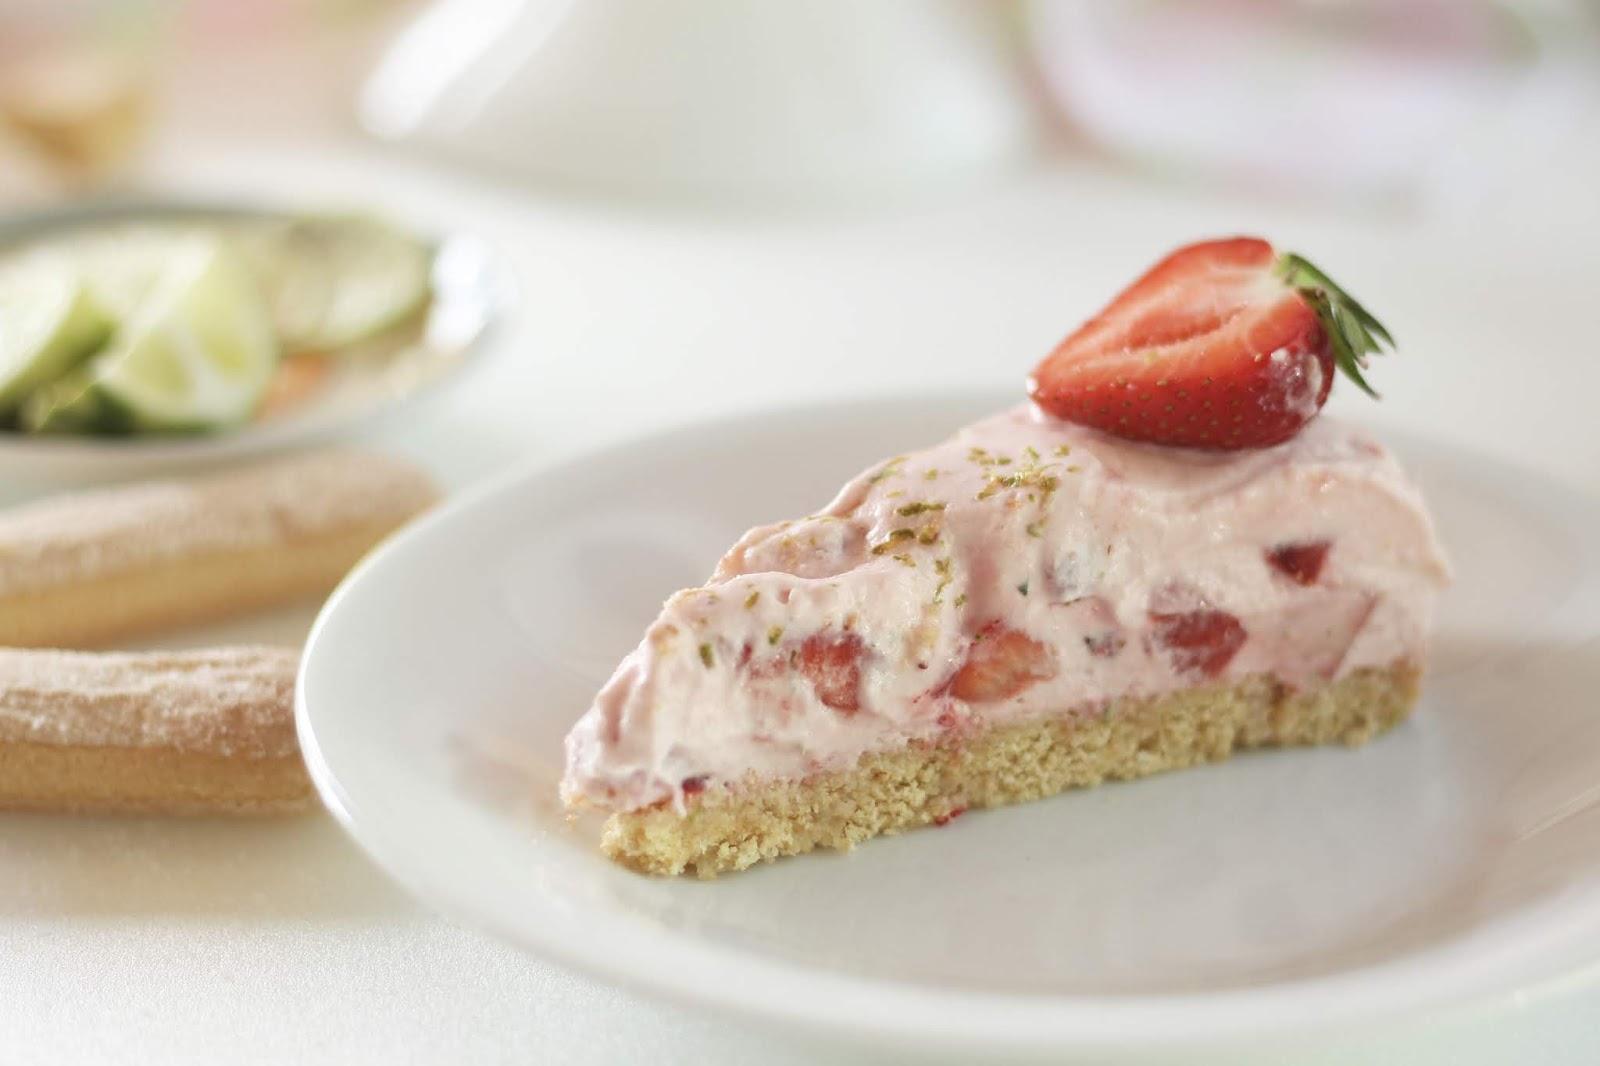 Schnelle Erdbeer-Eistorte: Sommerliches, einfaches Rezept mit Video